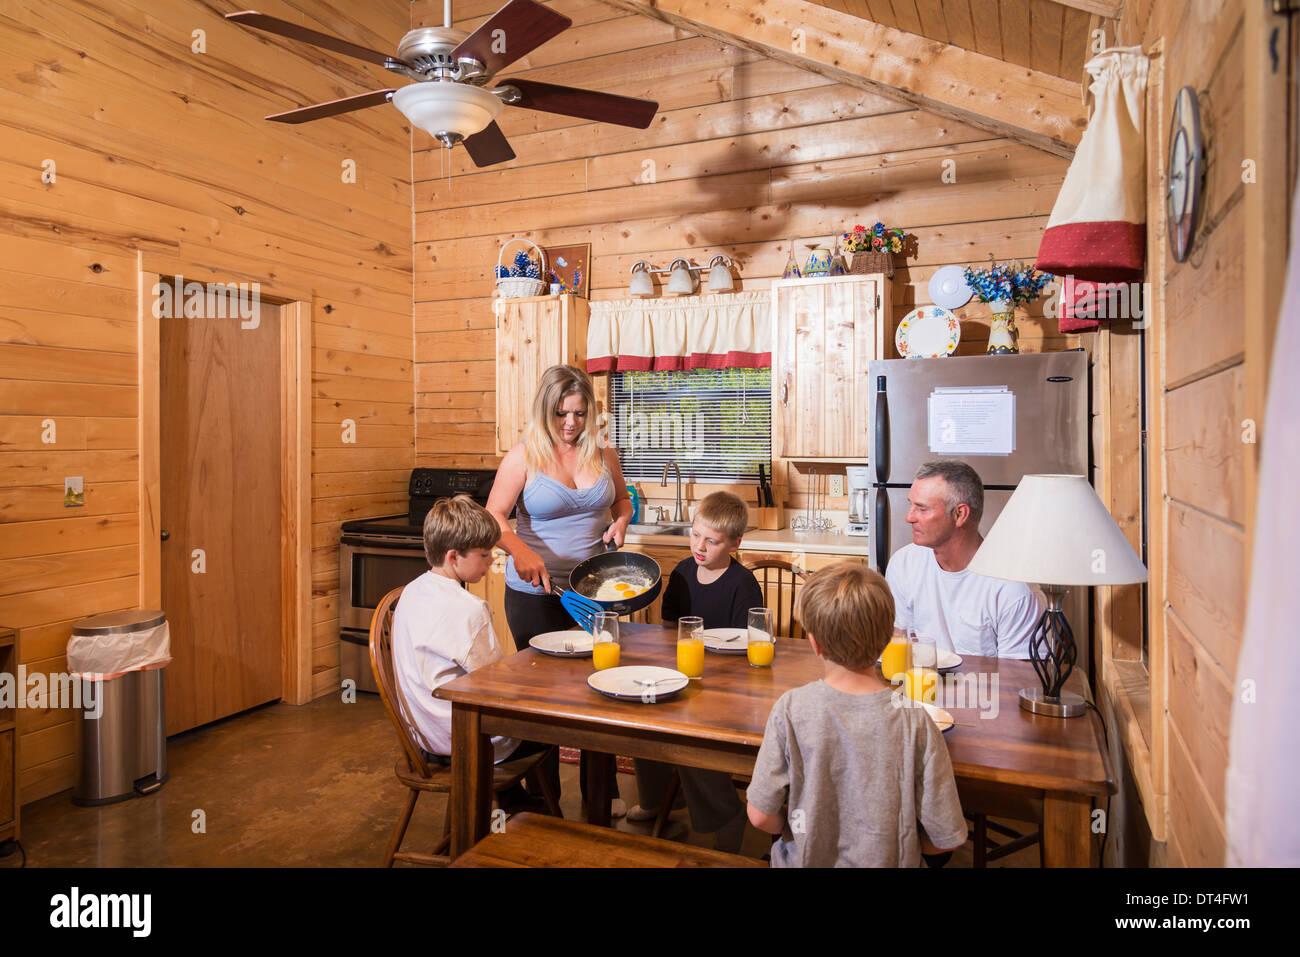 Log Home Stockfotos & Log Home Bilder - Alamy